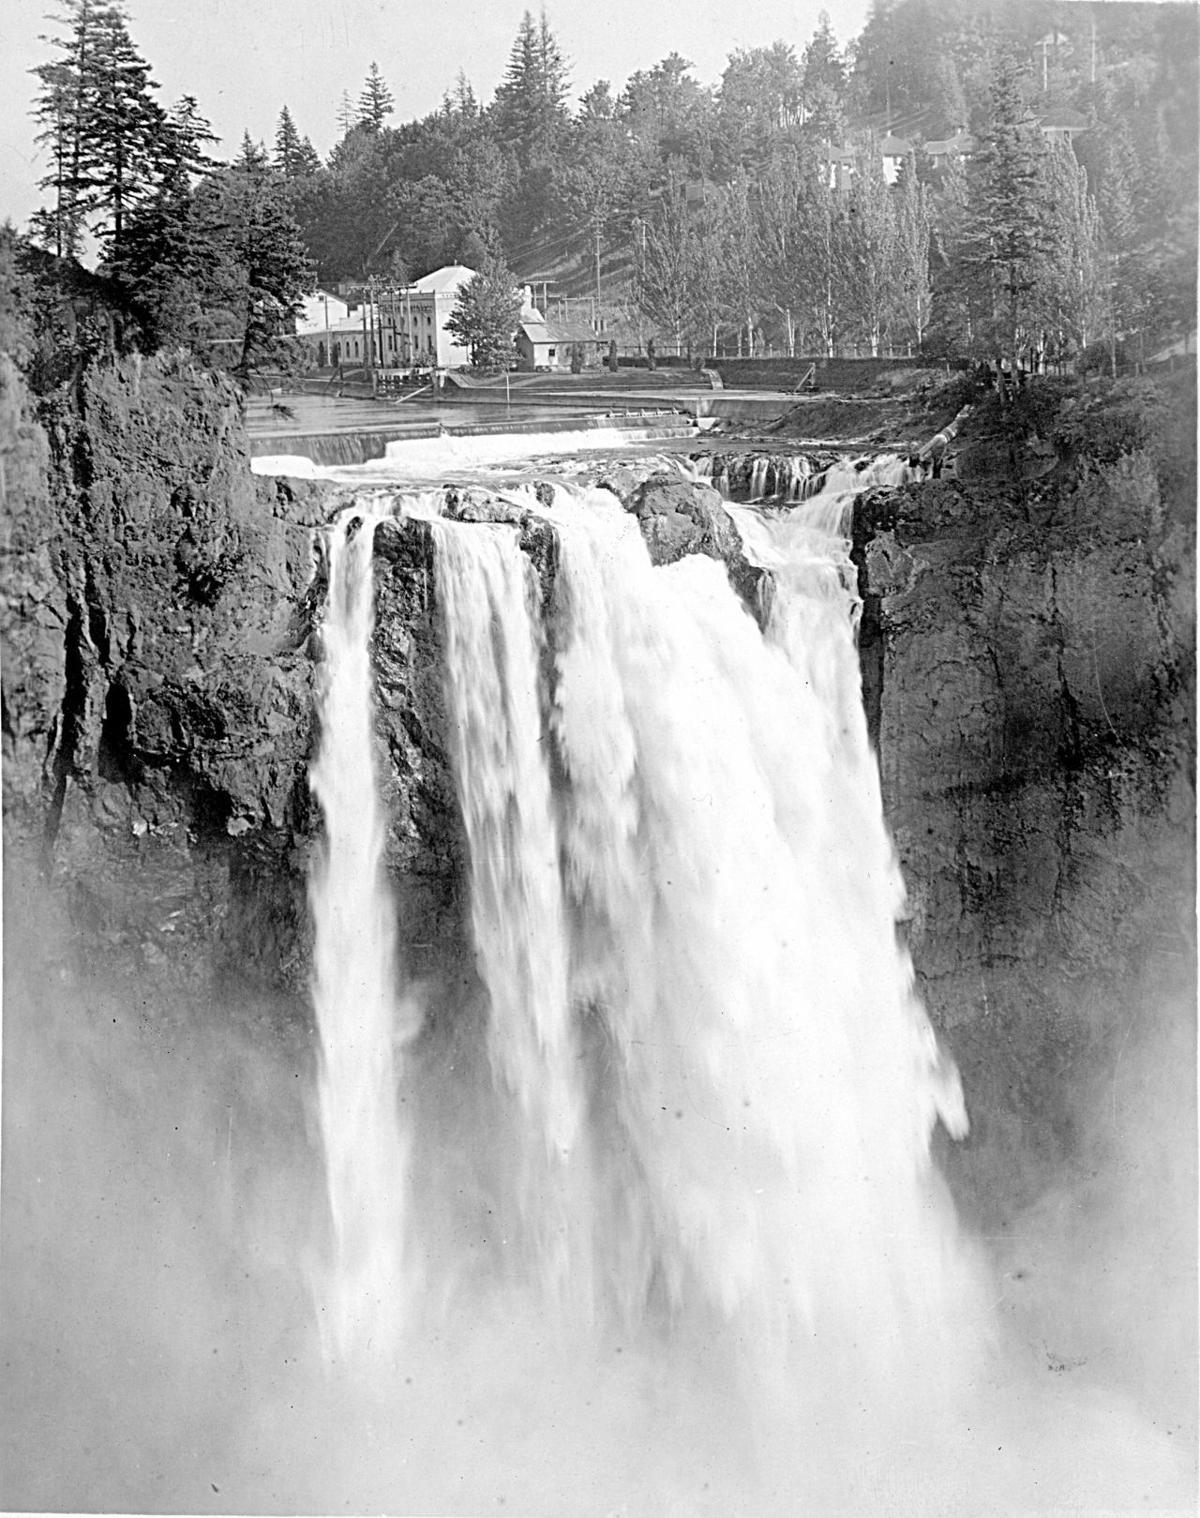 190812-yh-news-historysnoqualmiefalls-img04